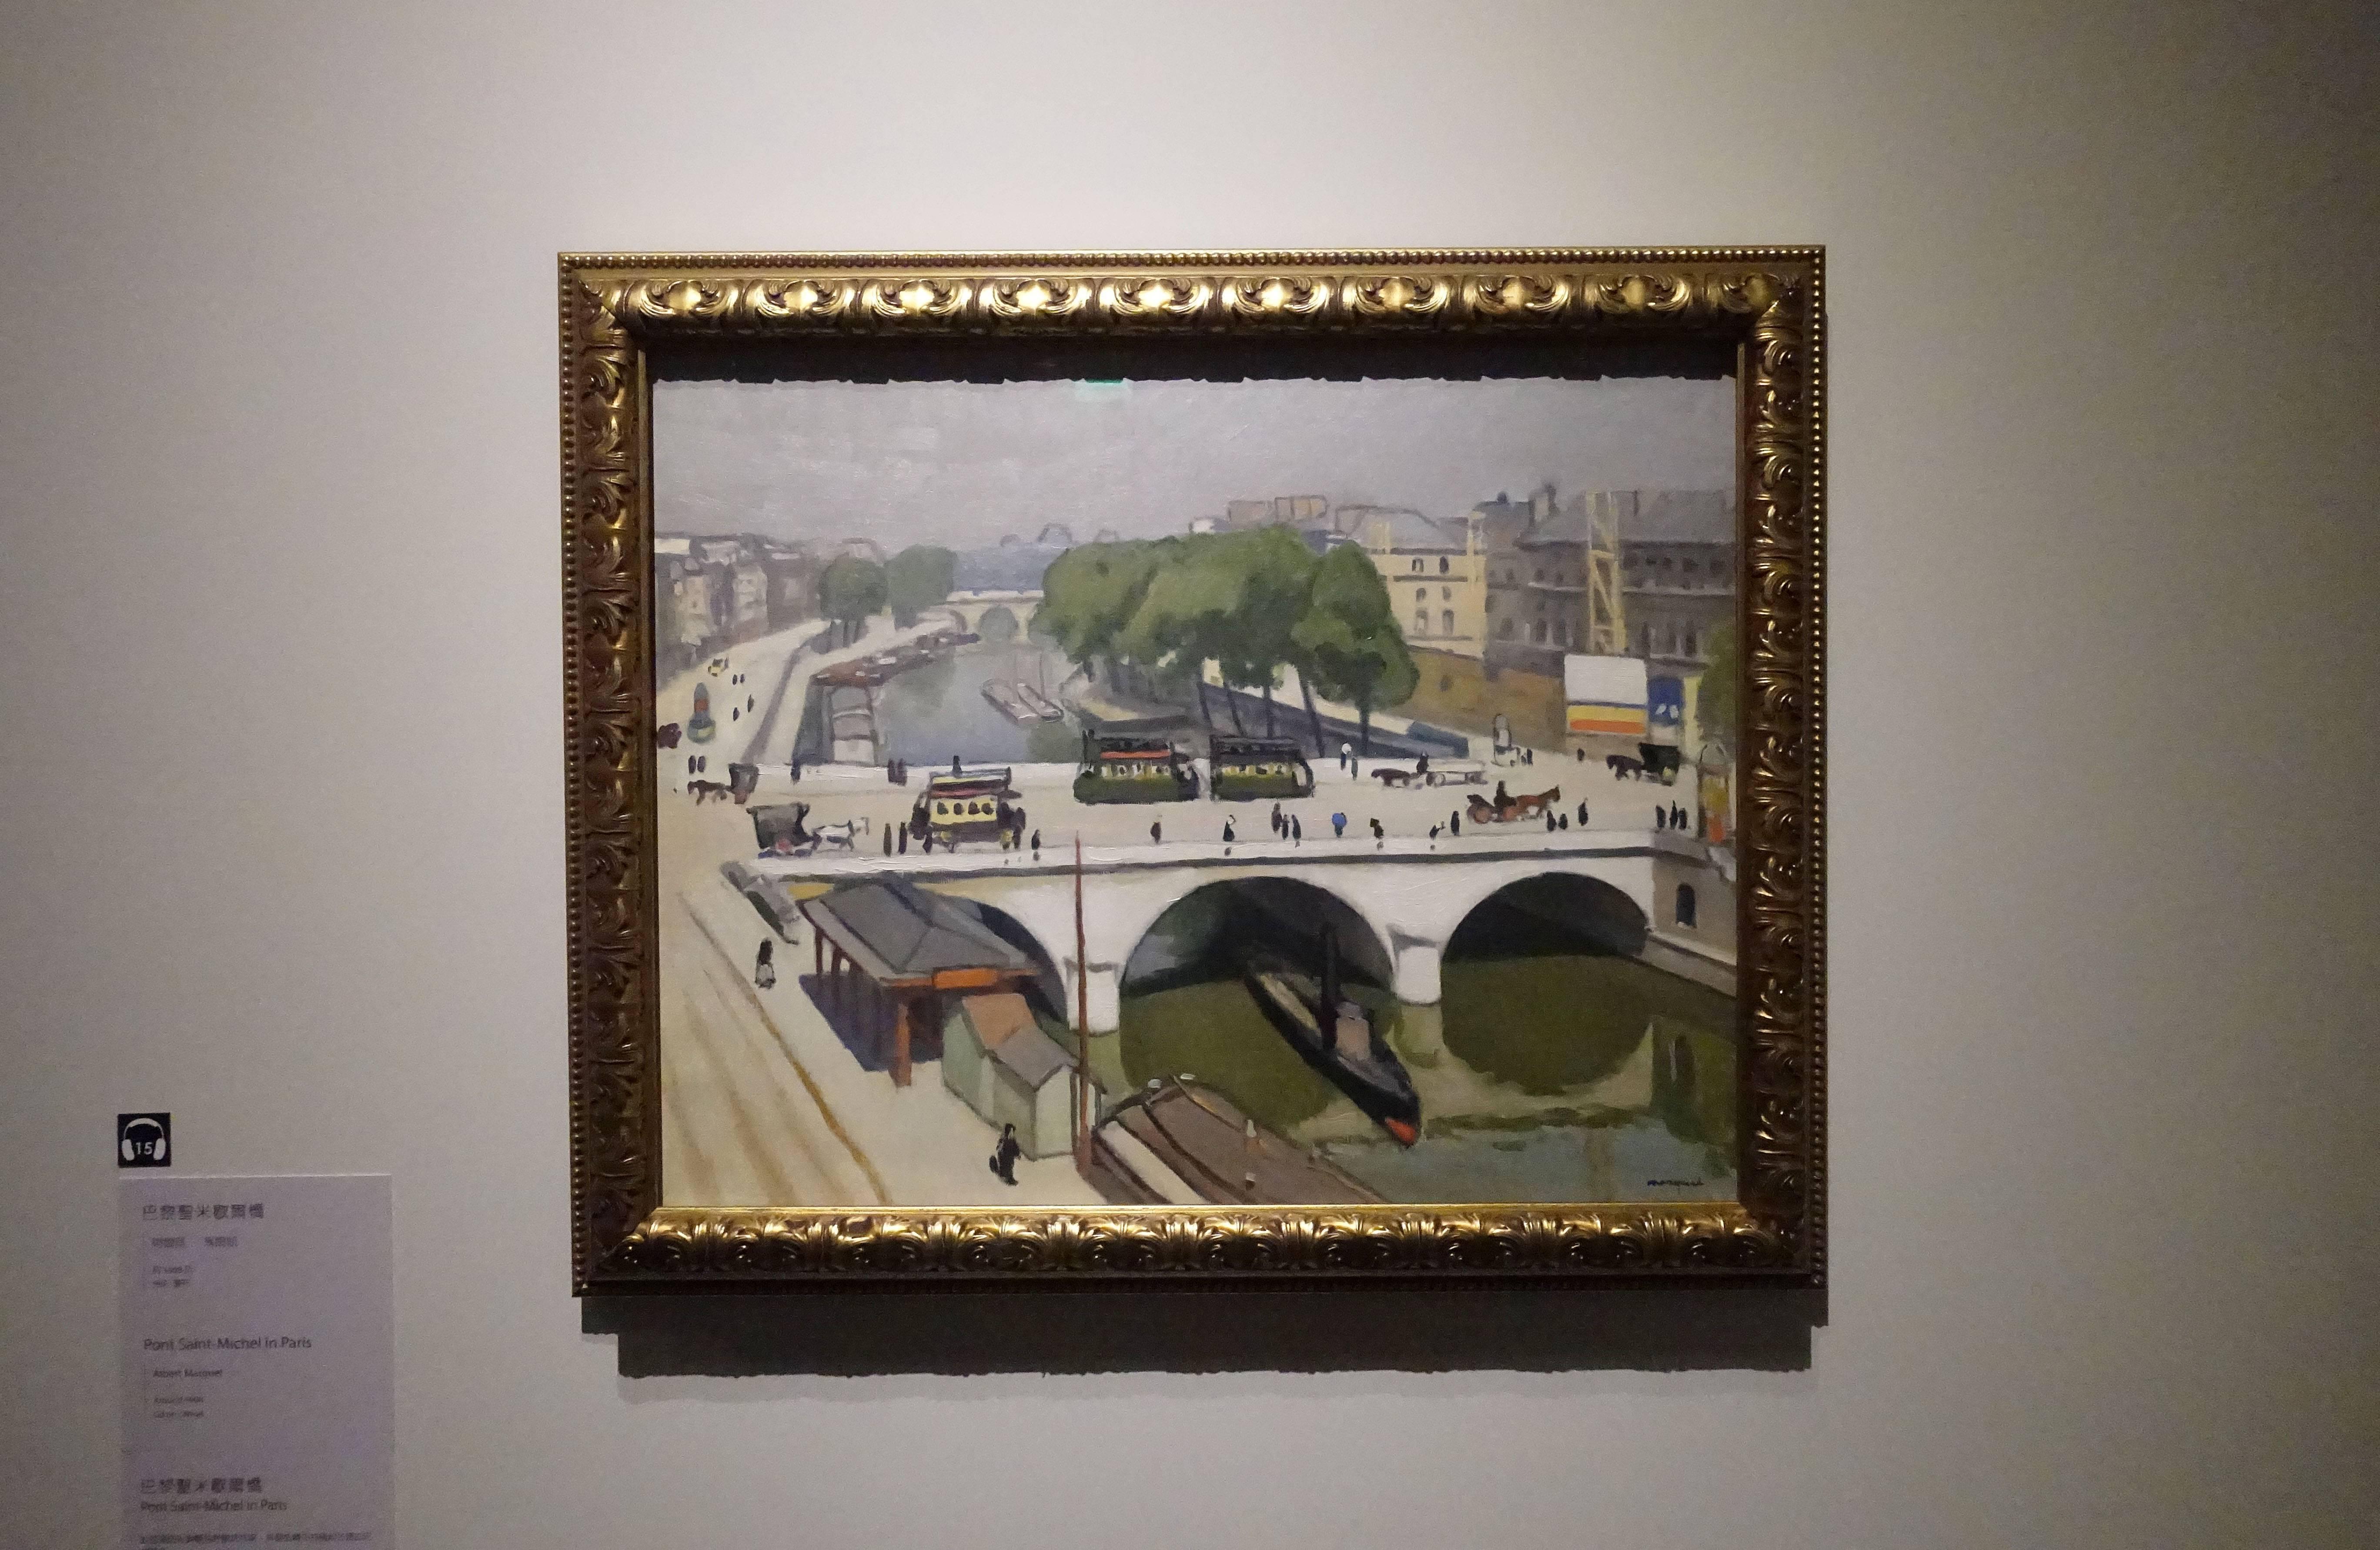 阿爾貝.馬爾凱 Albert Marquet ,《巴黎聖米歇爾橋 Pont Saint-Michel in Paris》,油彩、畫布 Oil on canvas。